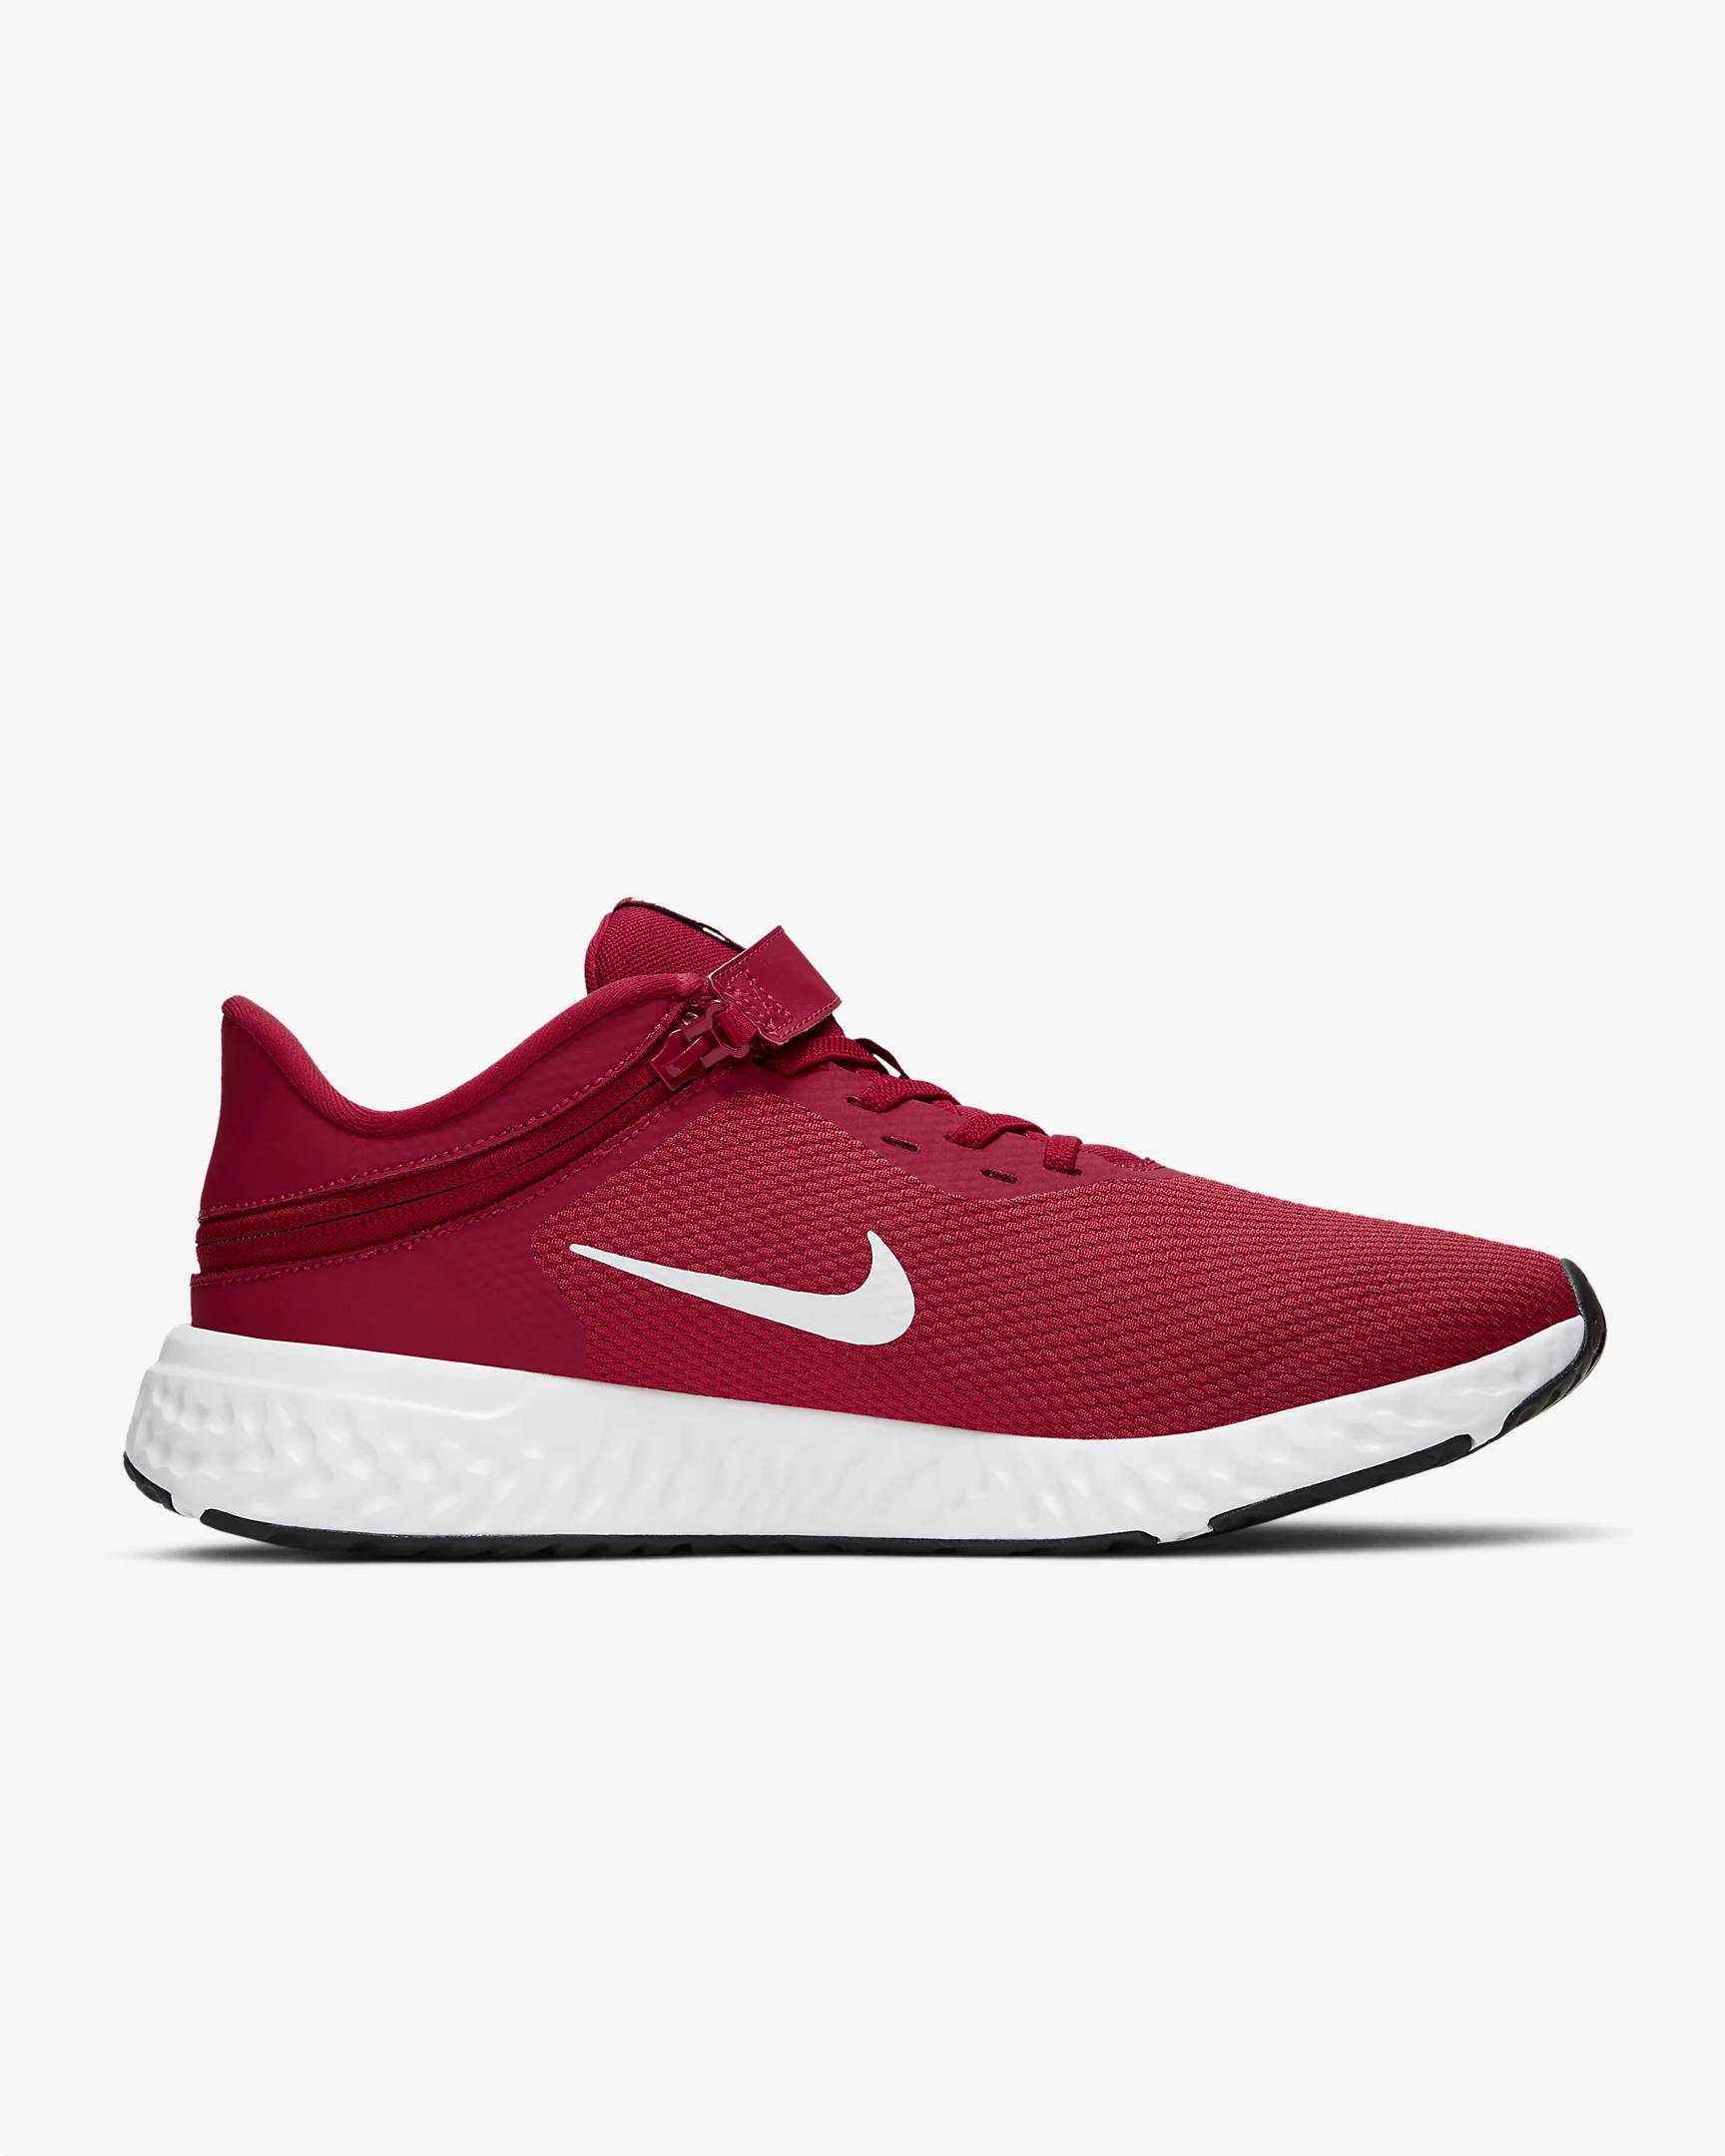 Zapatillas running Nike Revolution 5 rojo hombre - Deportes Moya